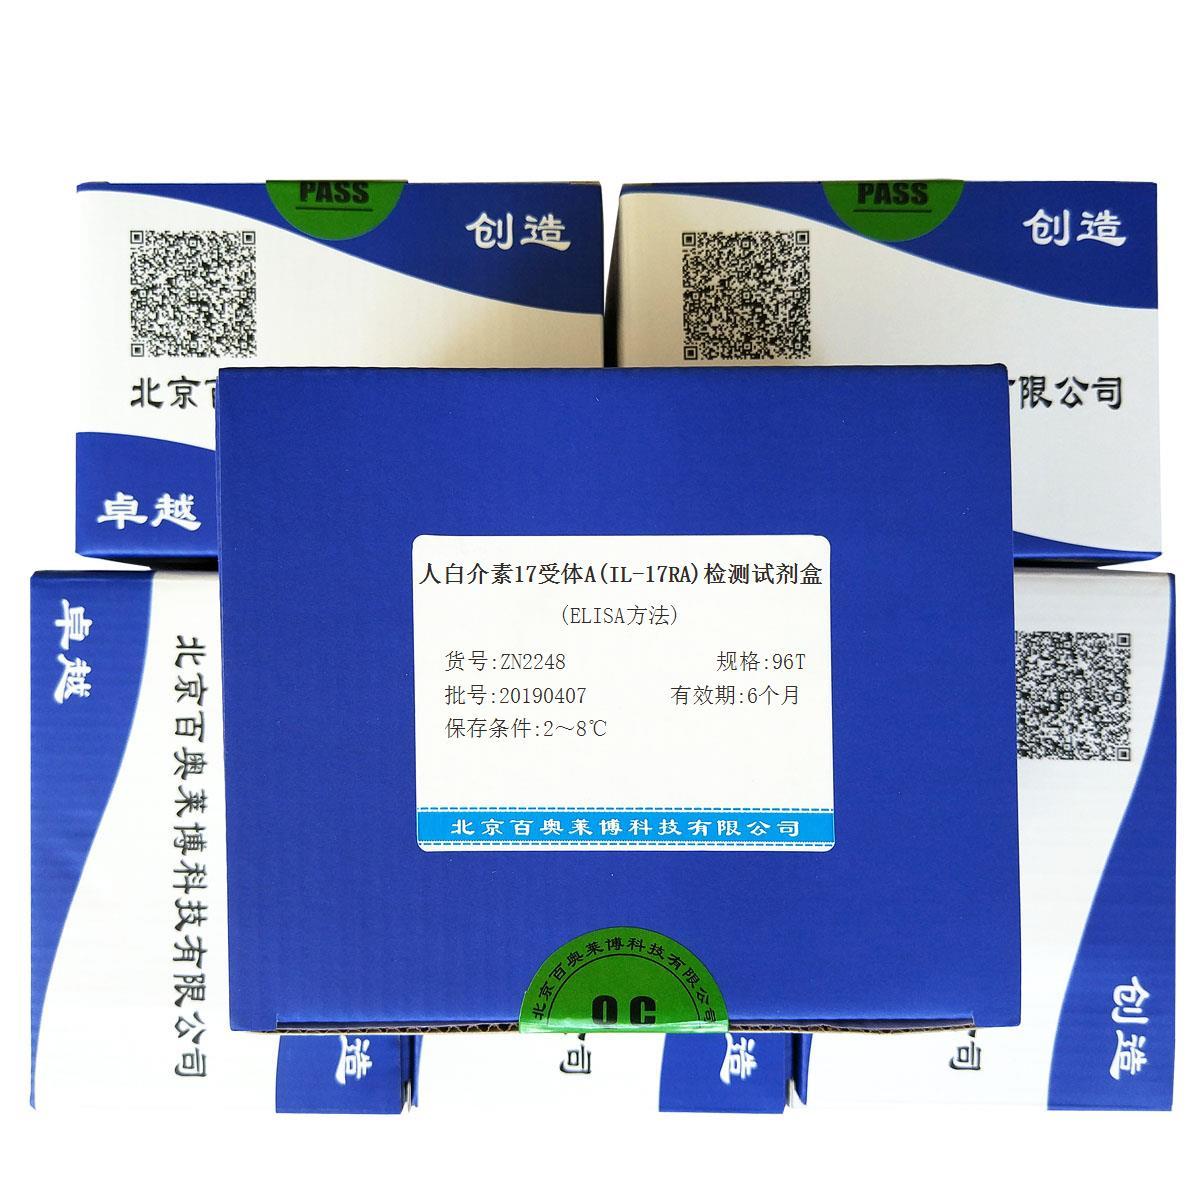 人白介素17受体A(IL-17RA)检测试剂盒(ELISA方法)